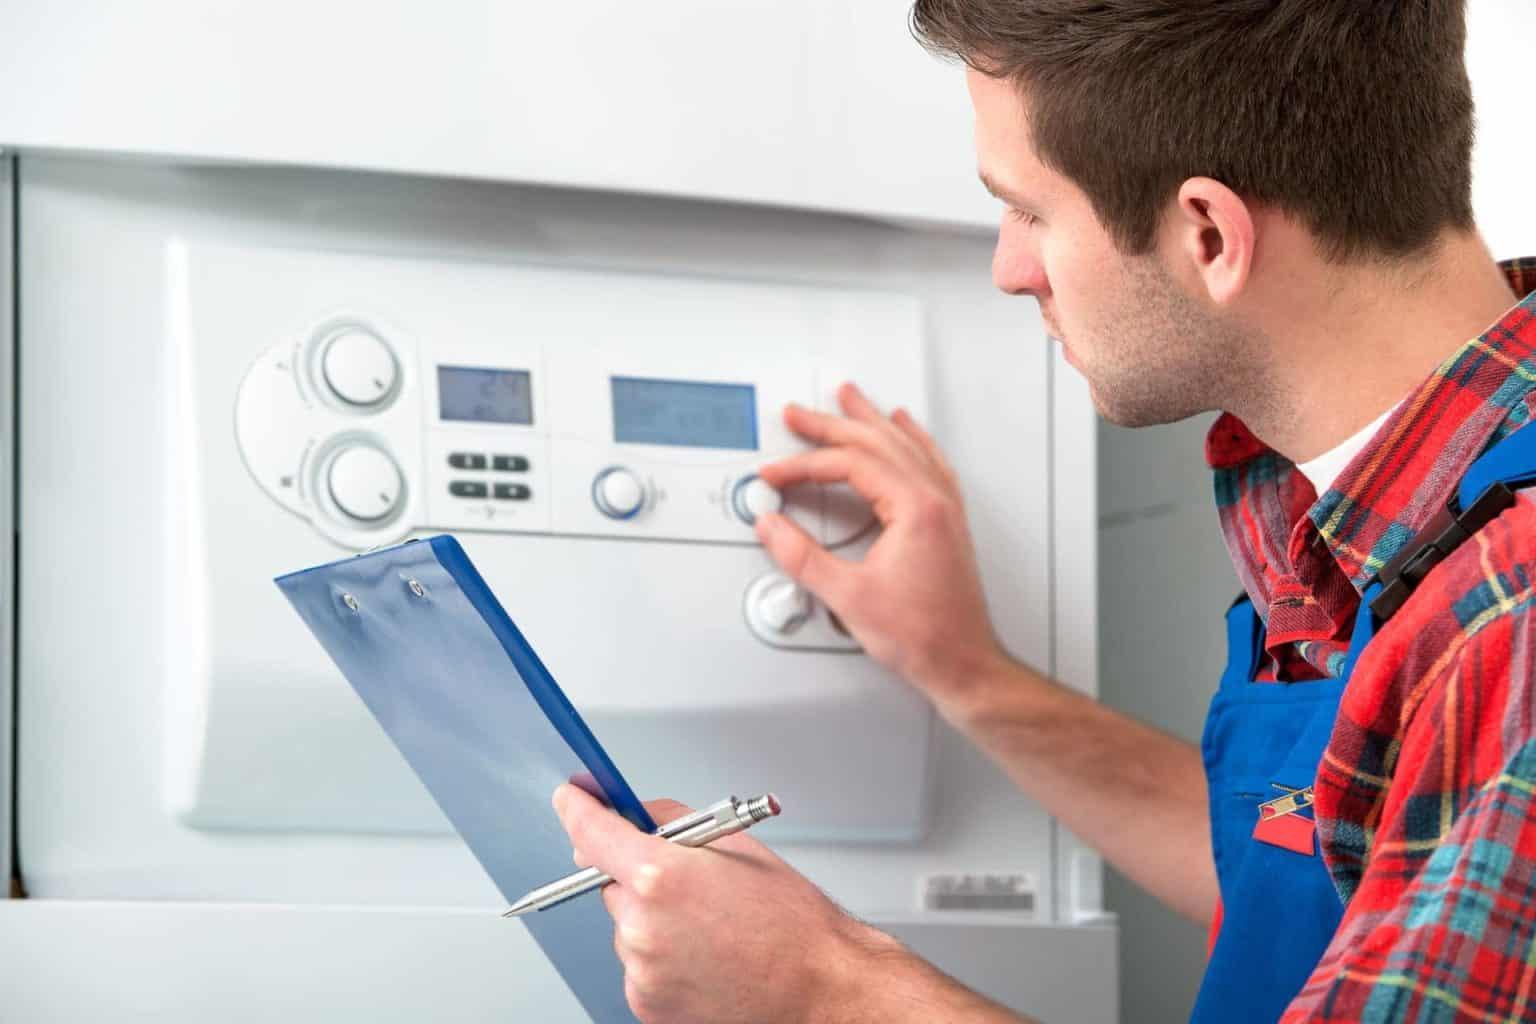 Ecobonus 110% caldaia a condensazione: come diminuire i consumi in condominio senza spese